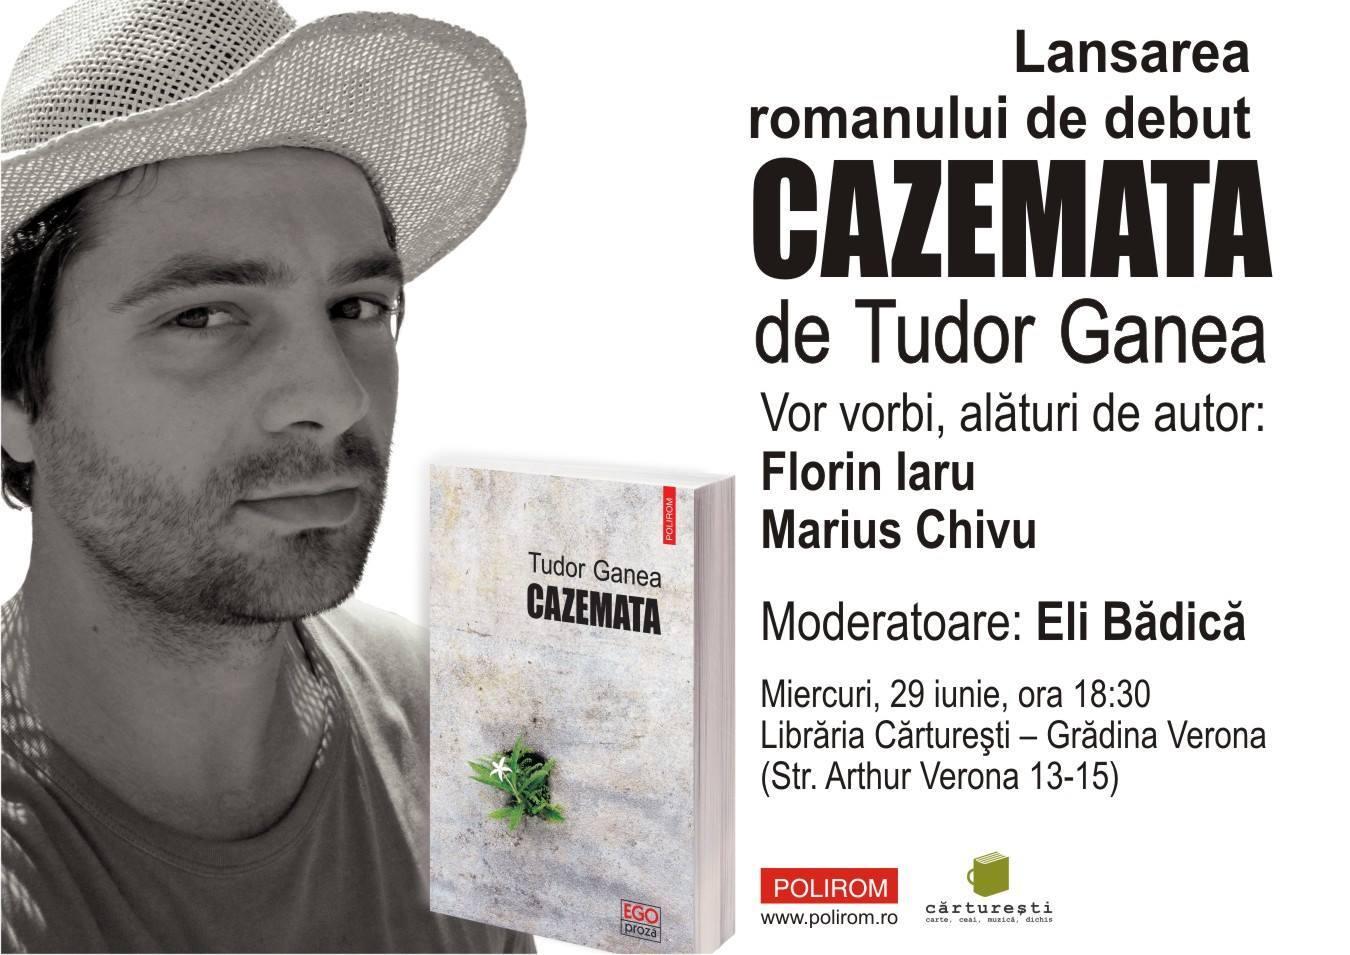 """Lansarea romanului """"Cazemata"""" de Tudor Ganea"""